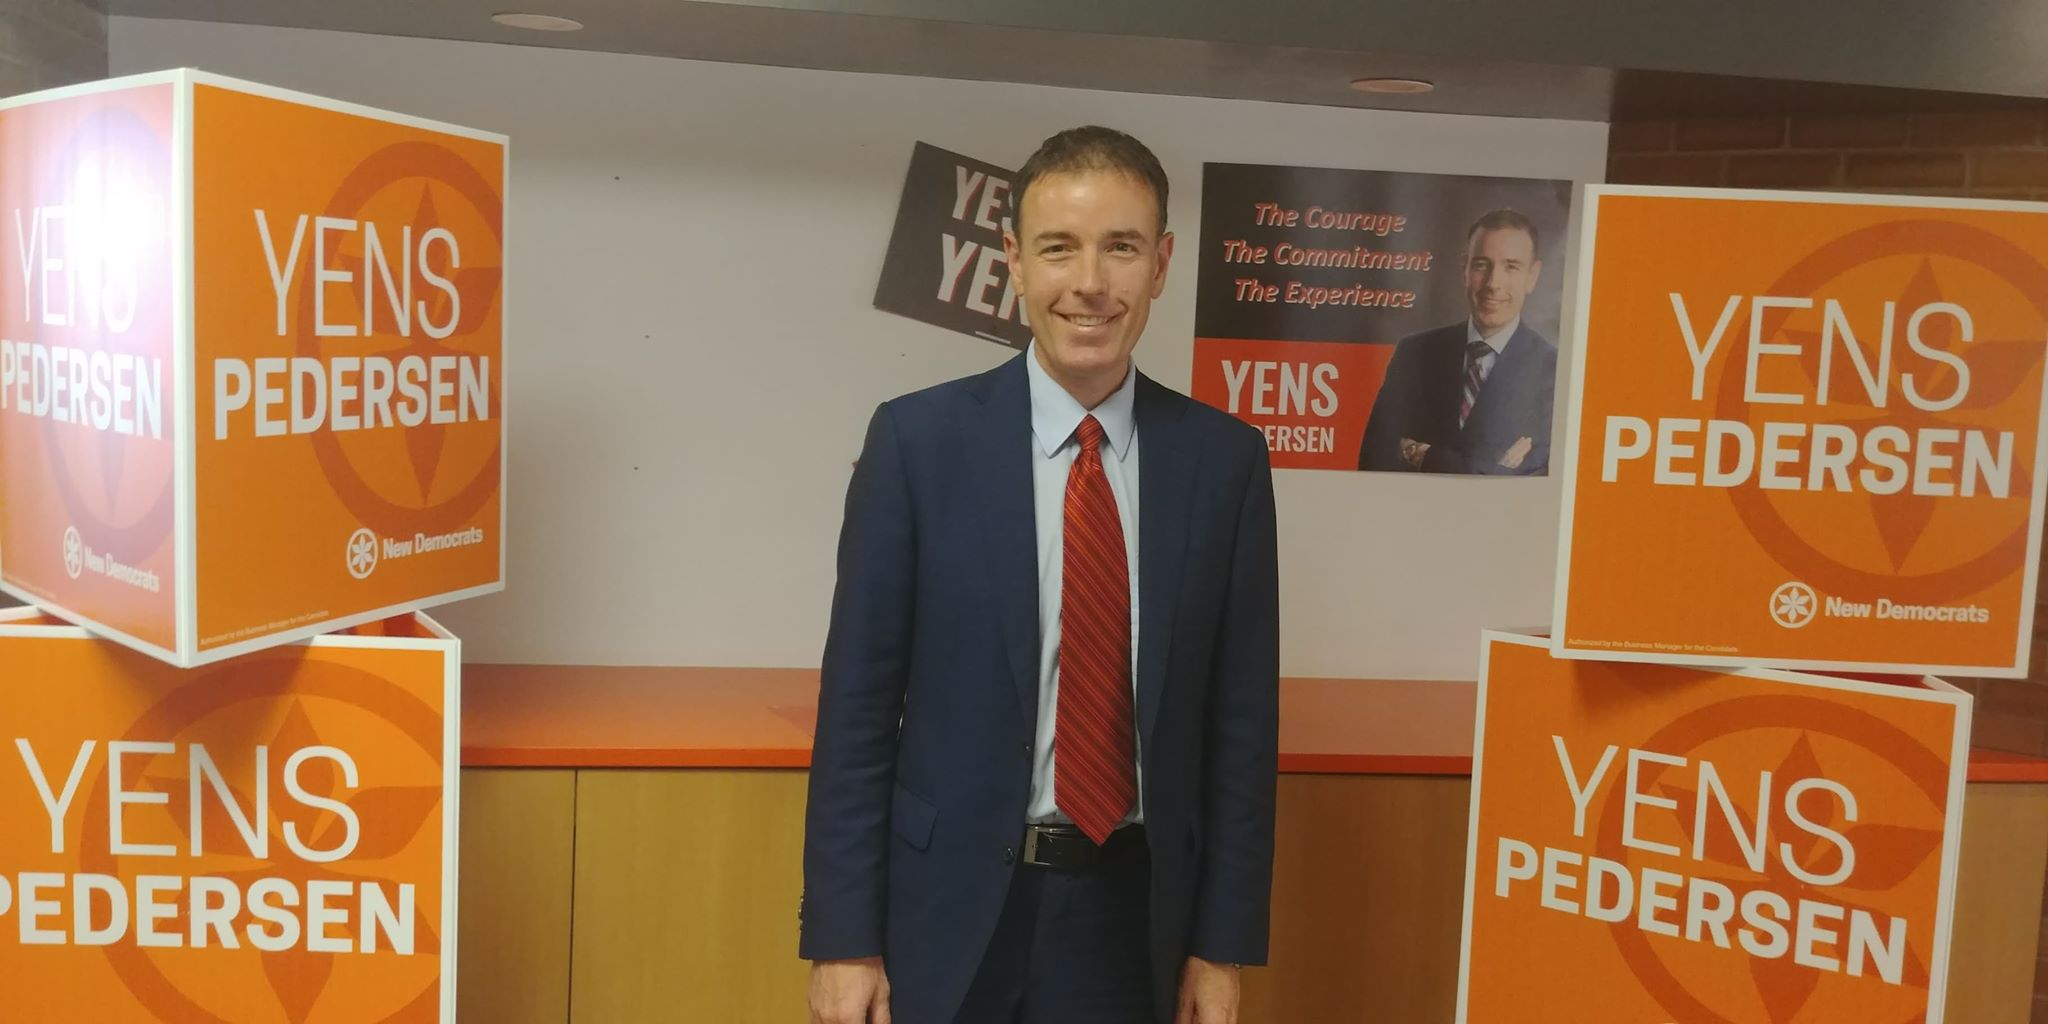 Candidate Profile Regina Northeast: Yens Pedersen